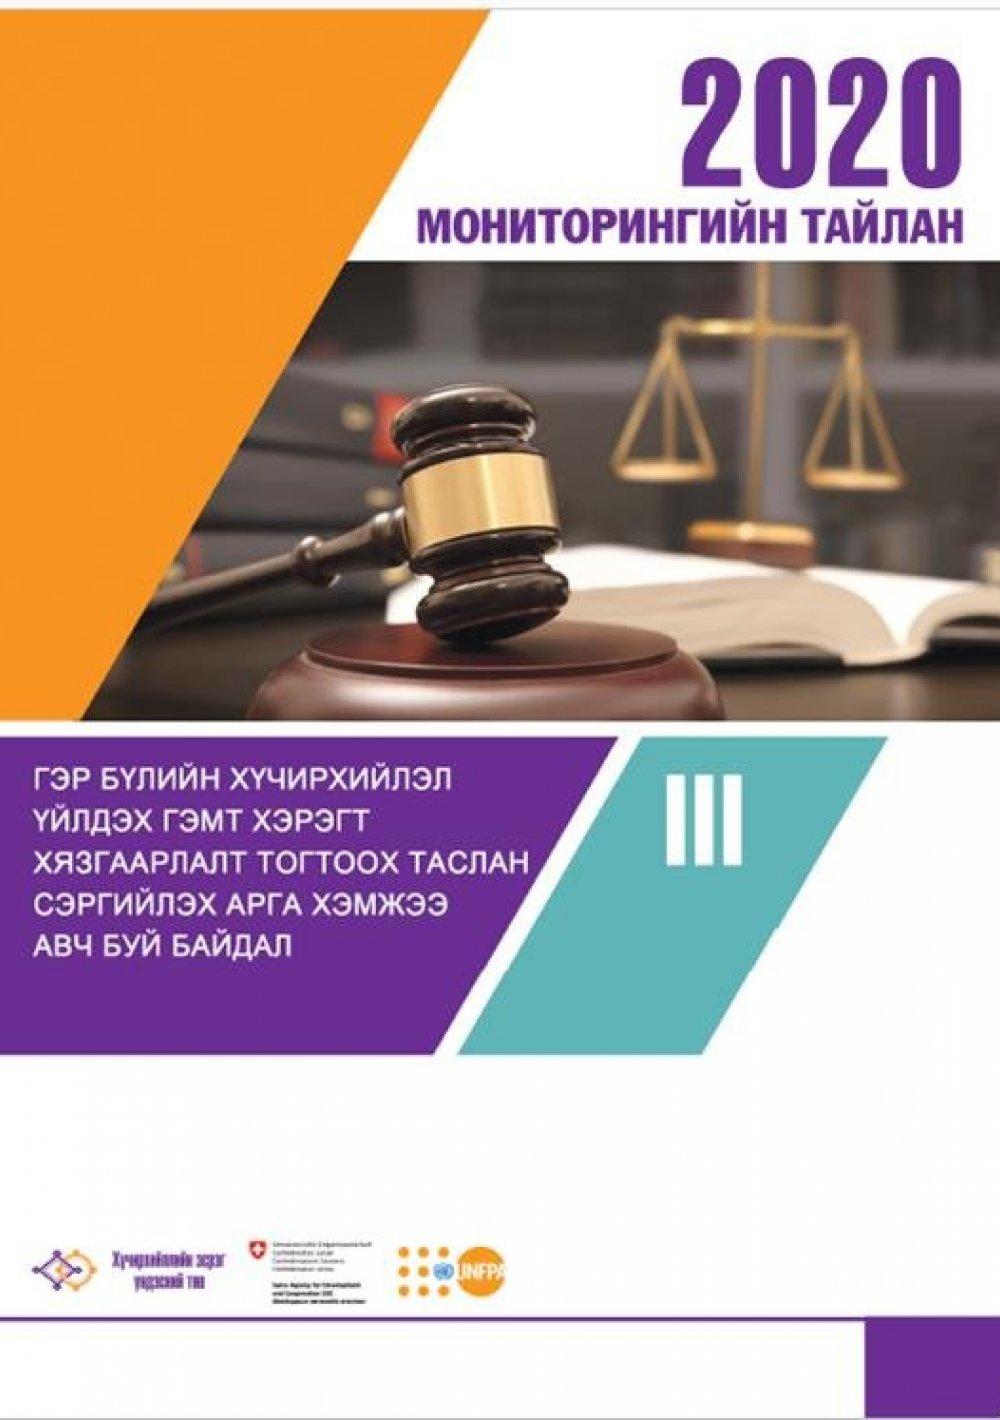 Гэр бүлийн хүчирхийлэл үйлдэх гэмт хэрэгт хязгаарлалт тогтоох таслан сэргийлэх арга хэмжээ авч буй байдал мониторингийн тайлан